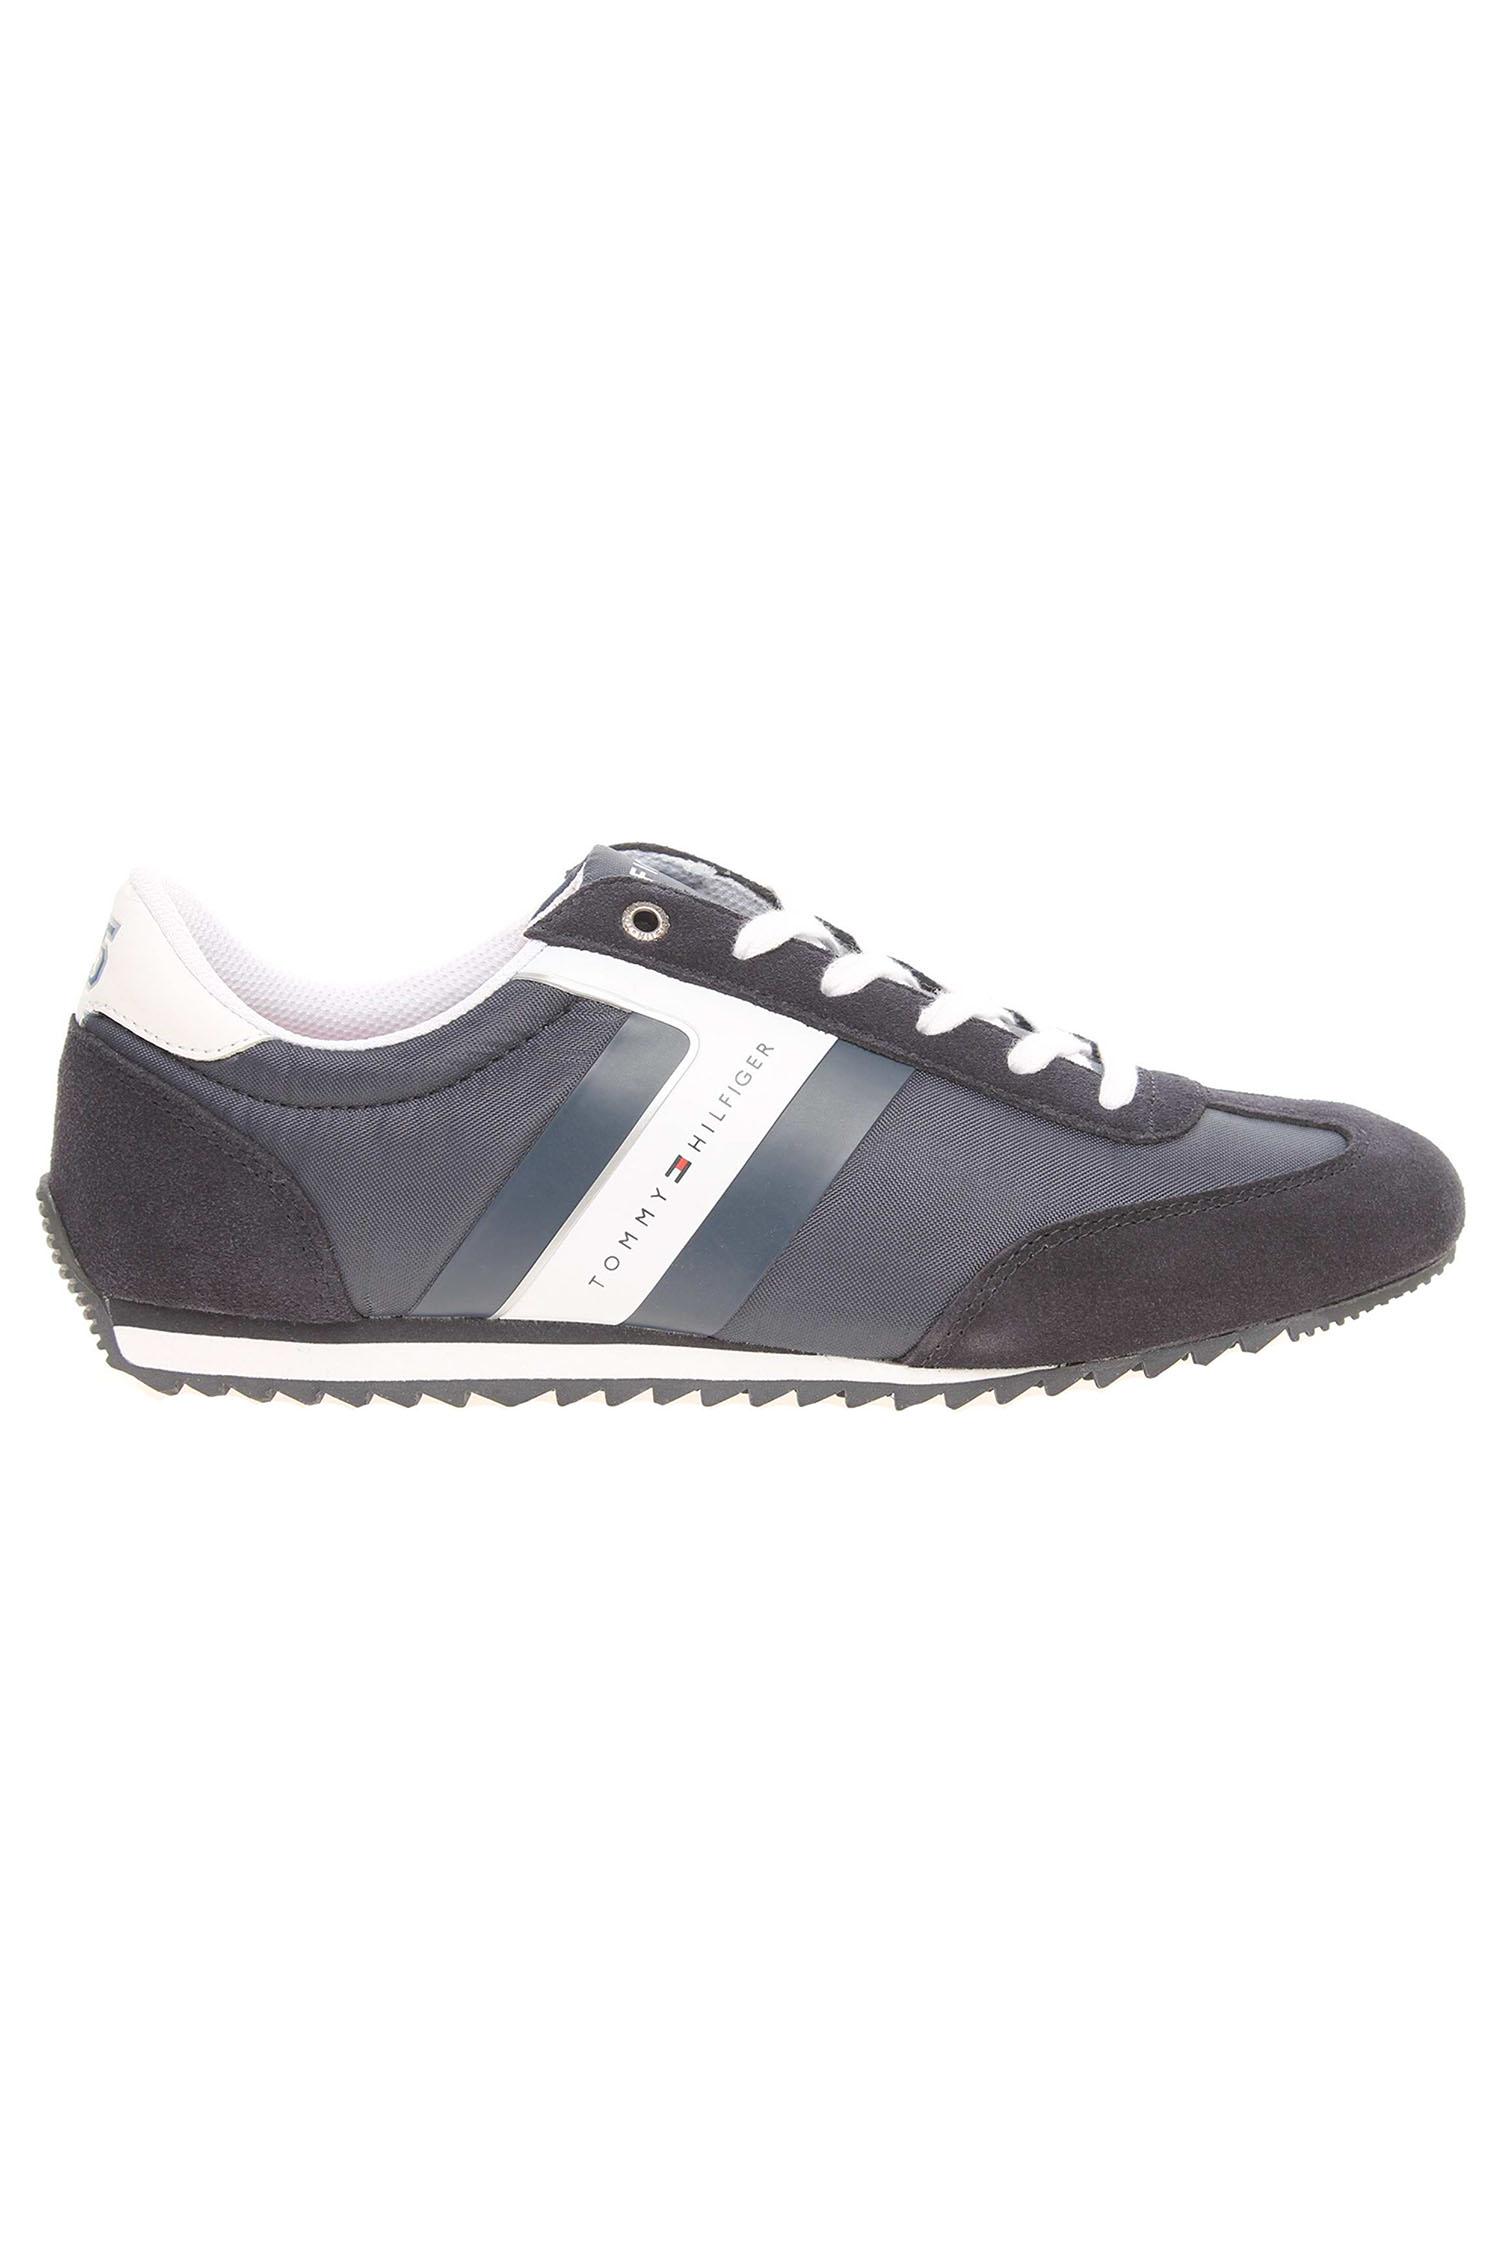 Tommy Hilfiger pánská obuv FM0FM00612 B2285RANSON 8C1 modrá. Tommy Hilfiger  pánská obuv FM0FM00612 B2285RANSON ... 76cb92a8020